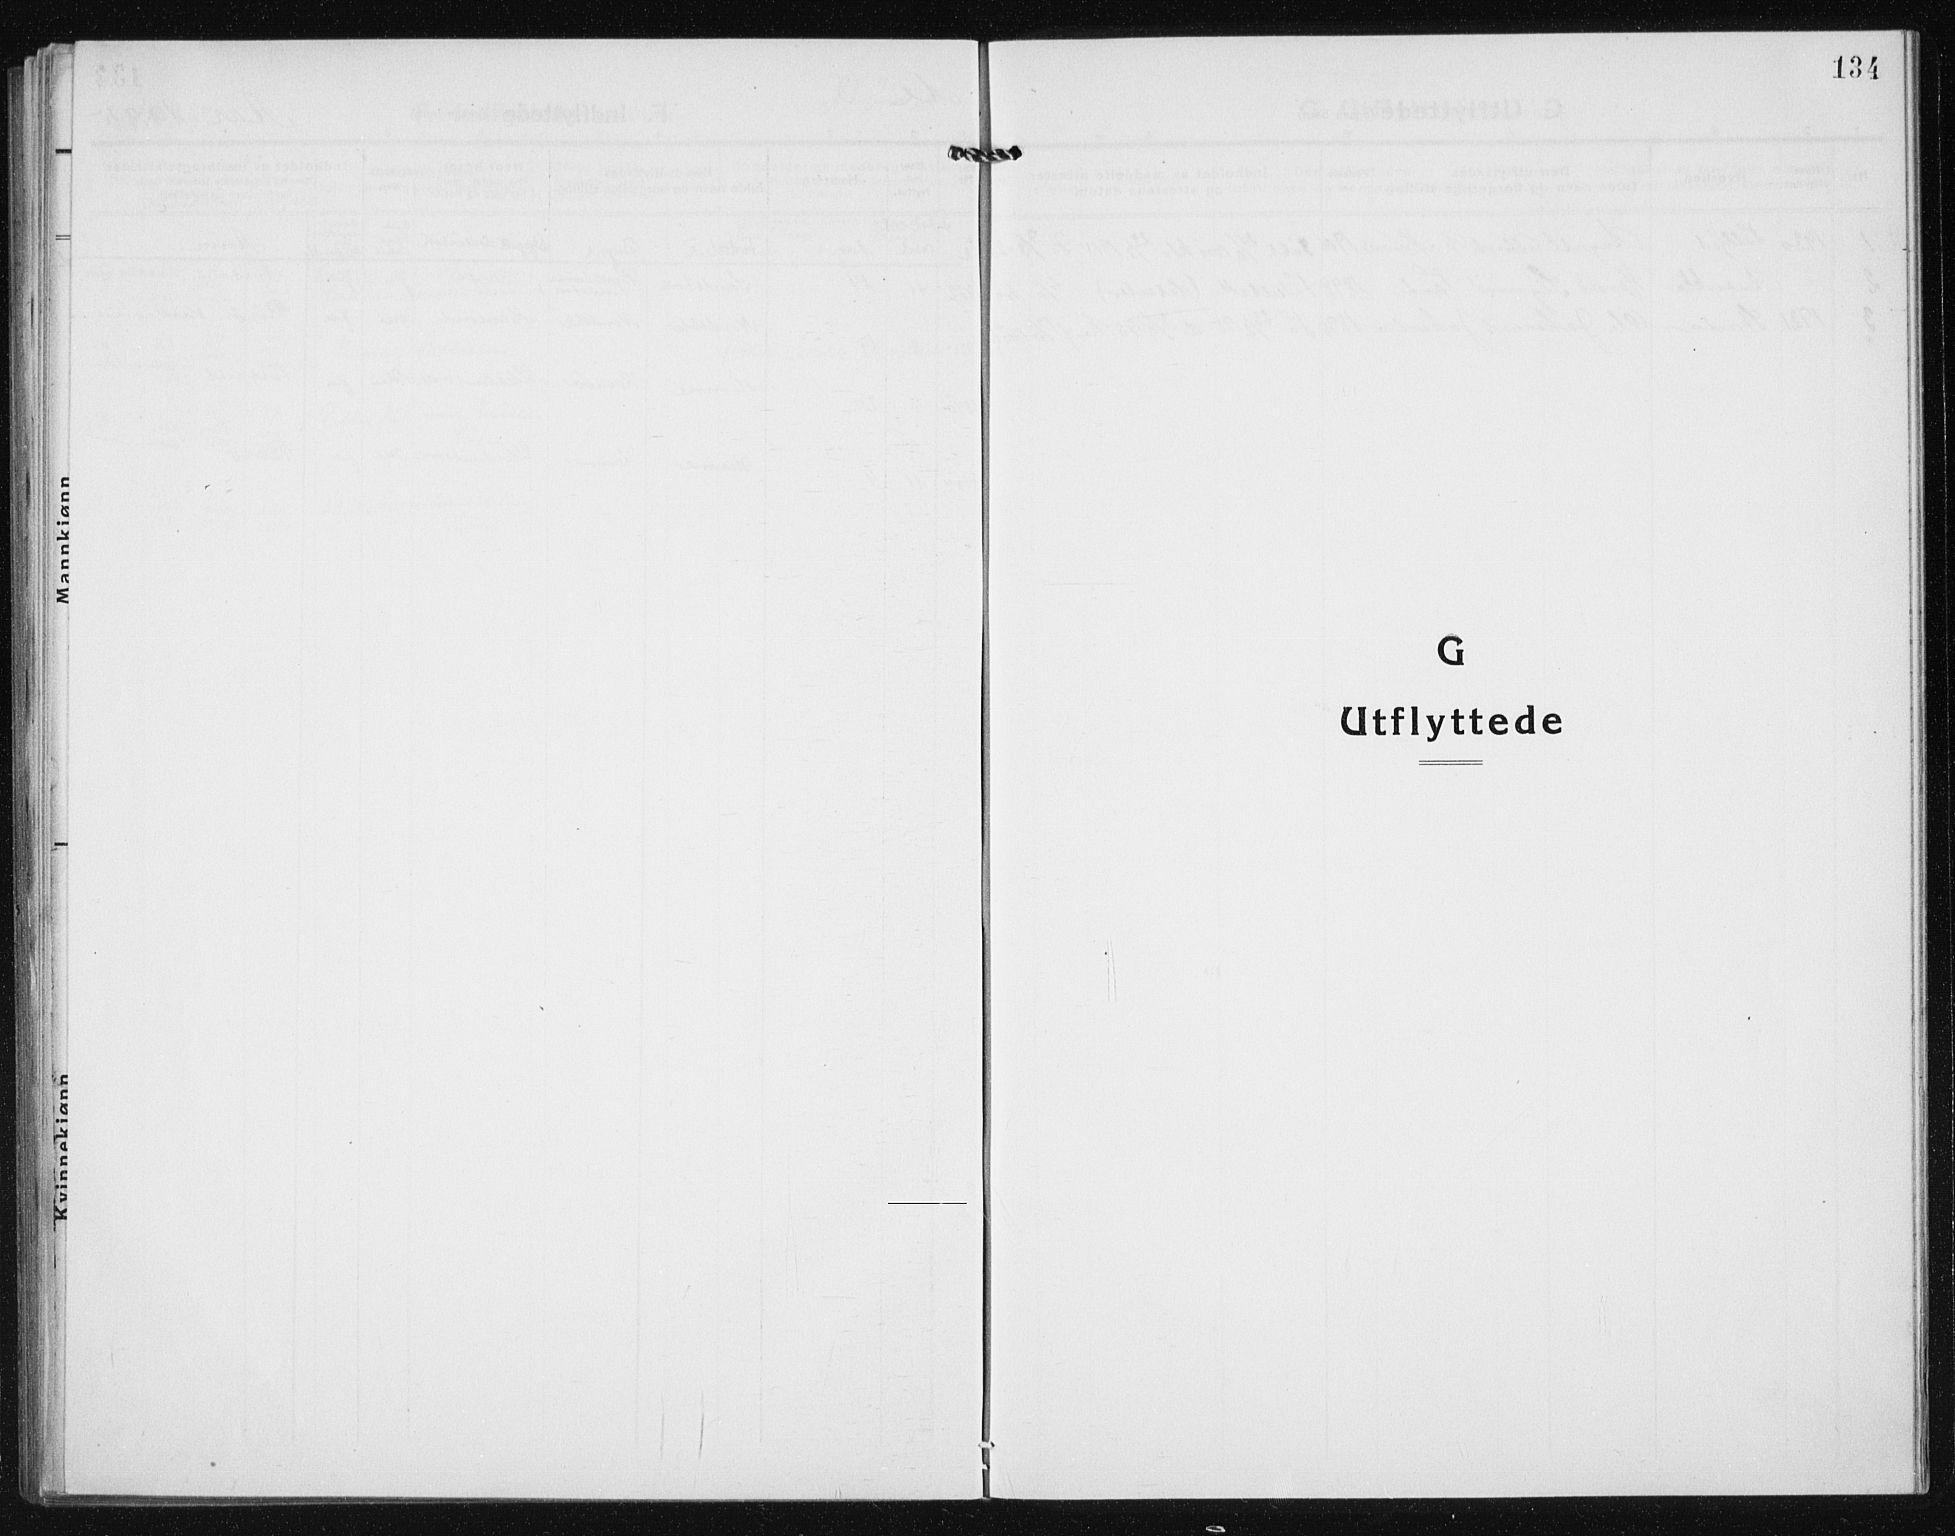 SAT, Ministerialprotokoller, klokkerbøker og fødselsregistre - Sør-Trøndelag, 635/L0554: Klokkerbok nr. 635C02, 1919-1942, s. 134